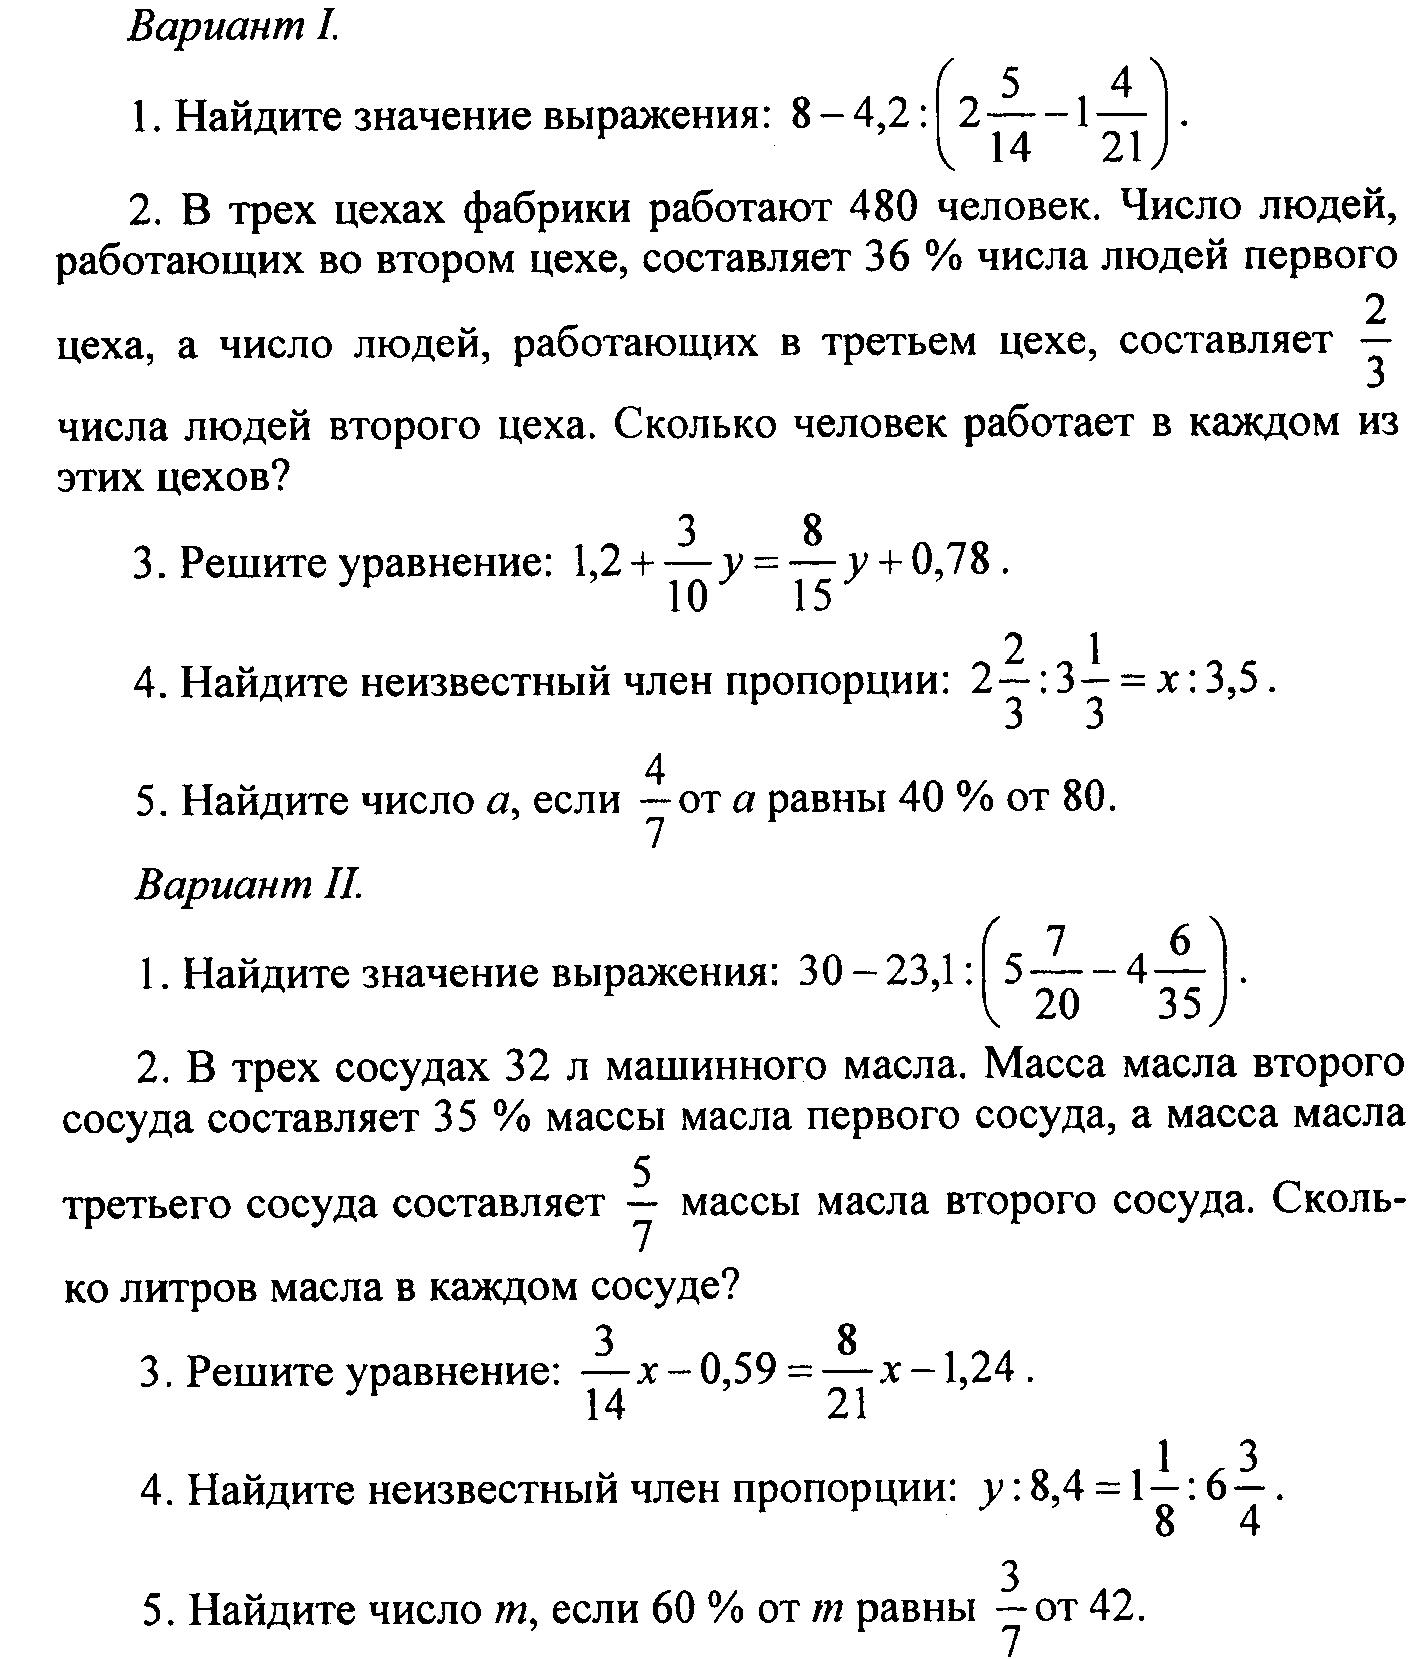 Контрольная работа по математике по leaconmi  Контрольная работа по математике по